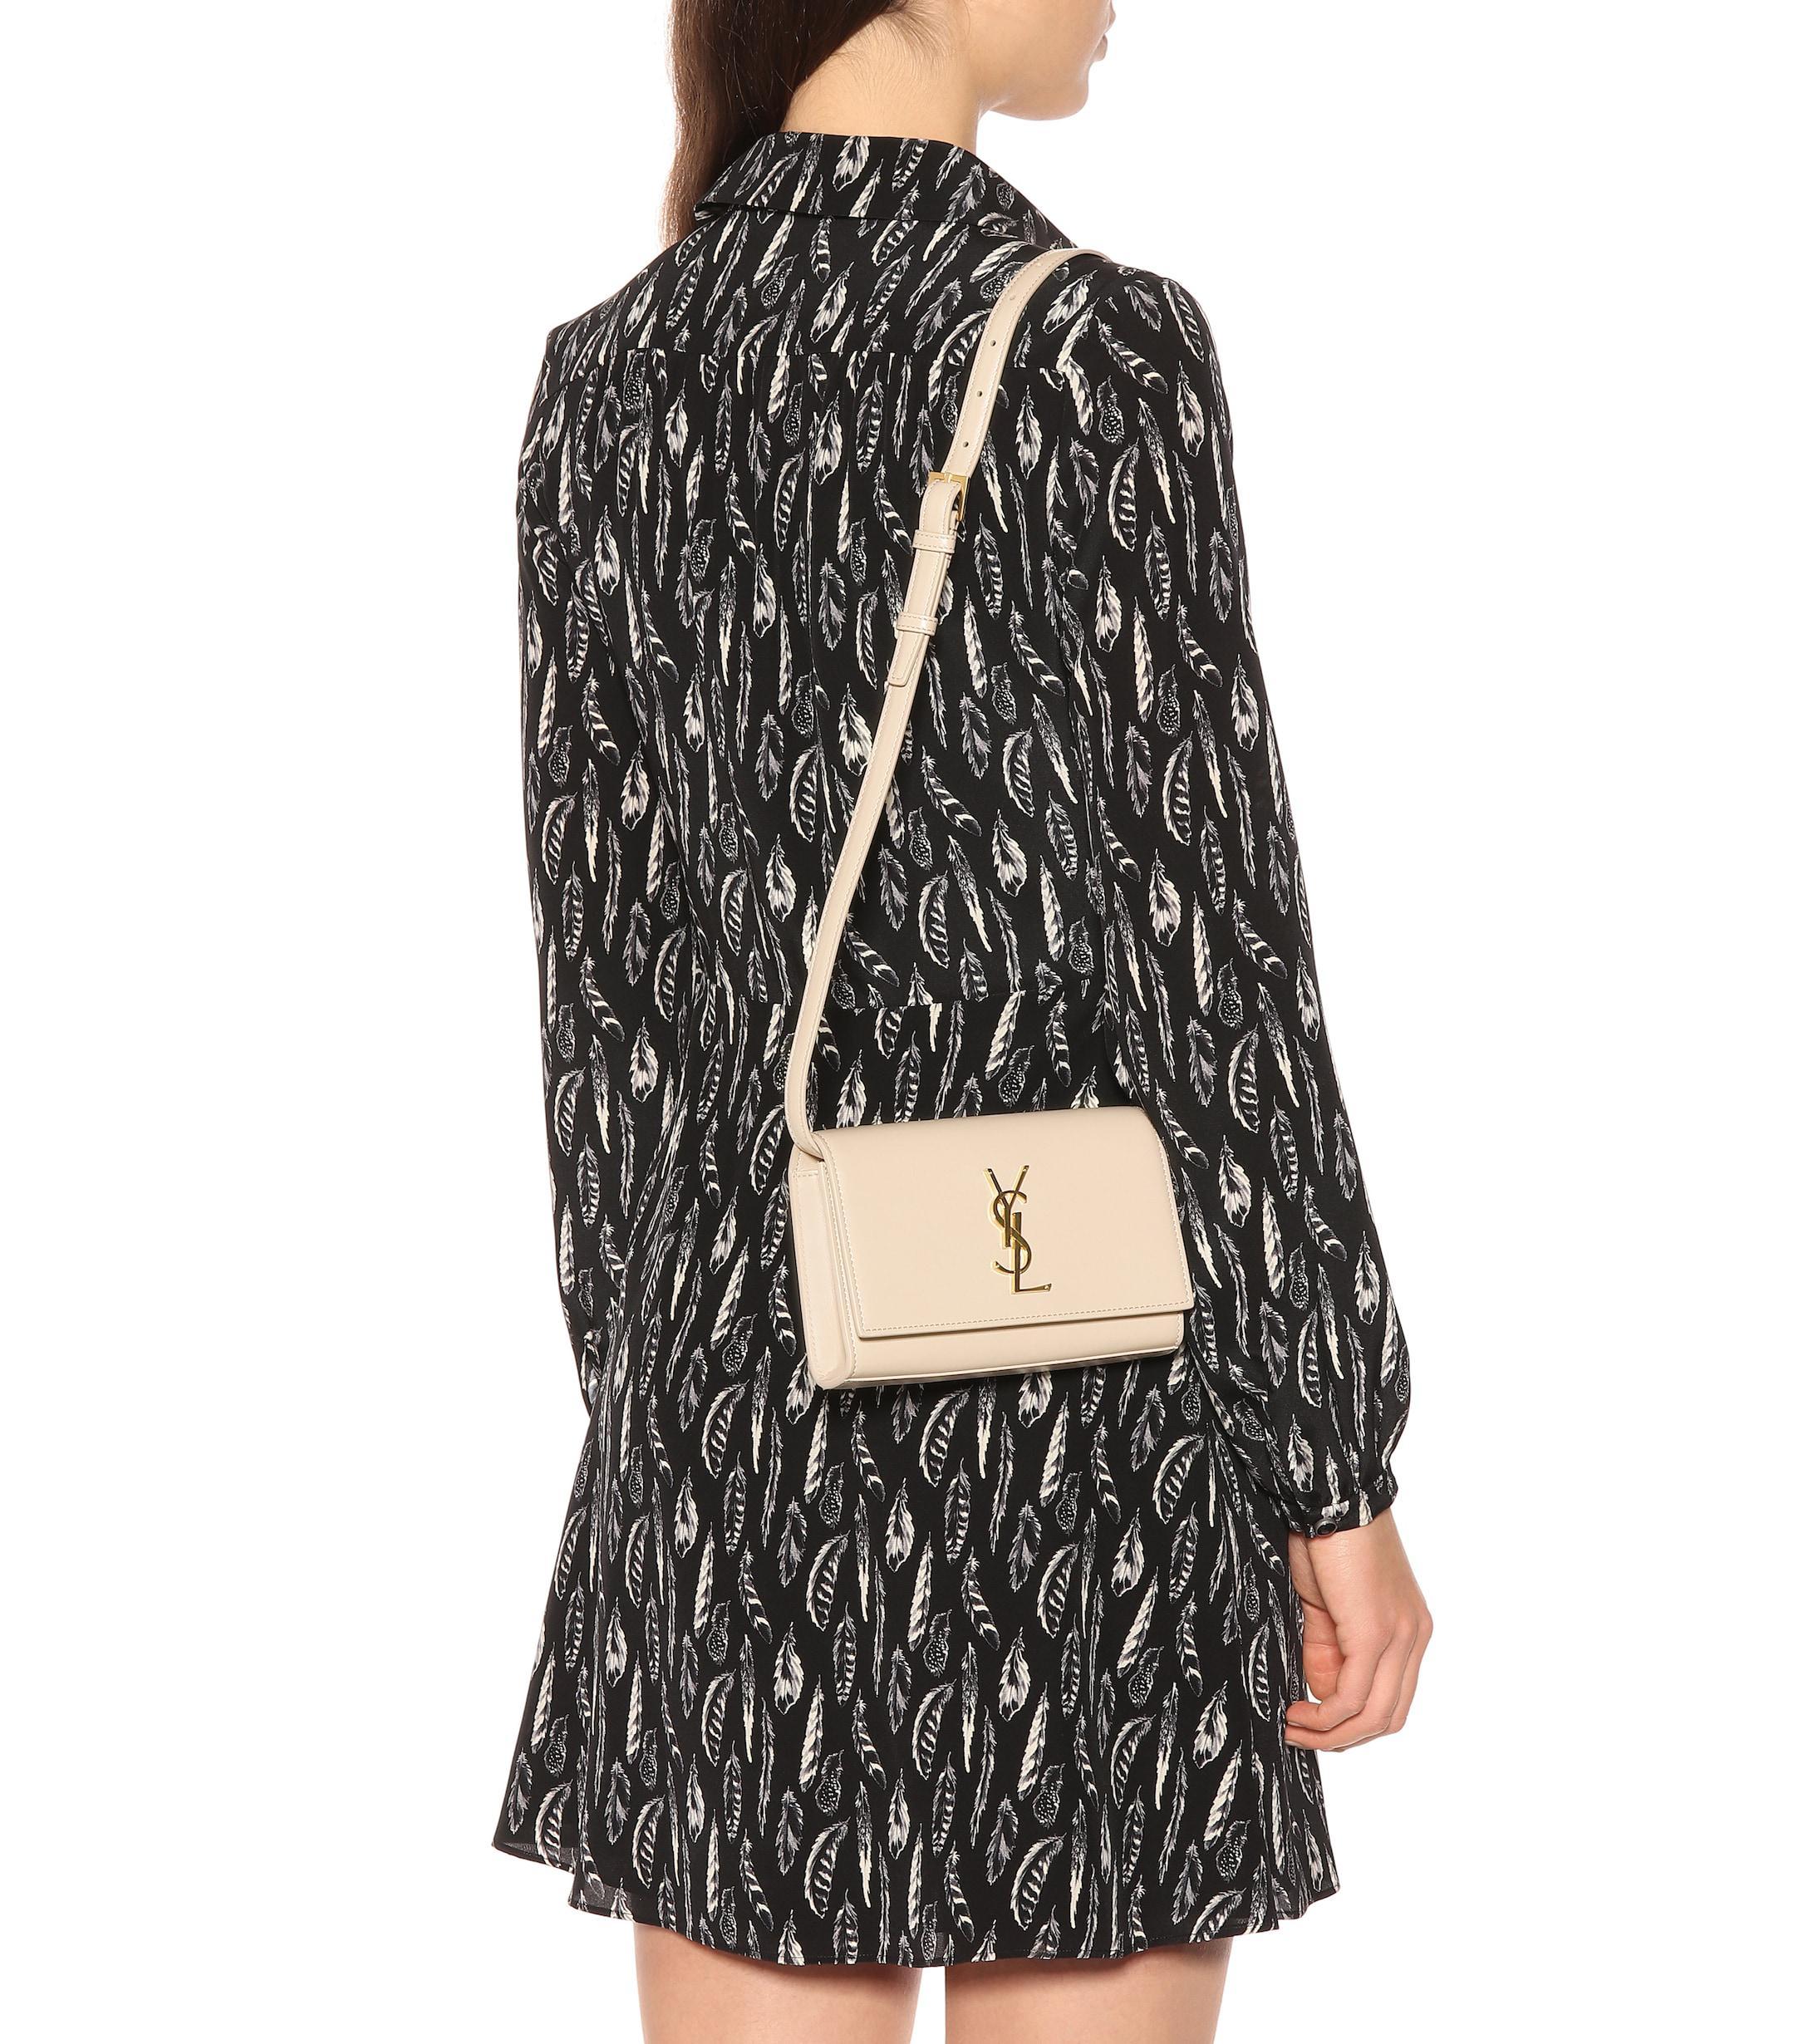 Saint Laurent - Multicolor Kate Leather Belt Bag - Lyst. View fullscreen 24197b3a045c1